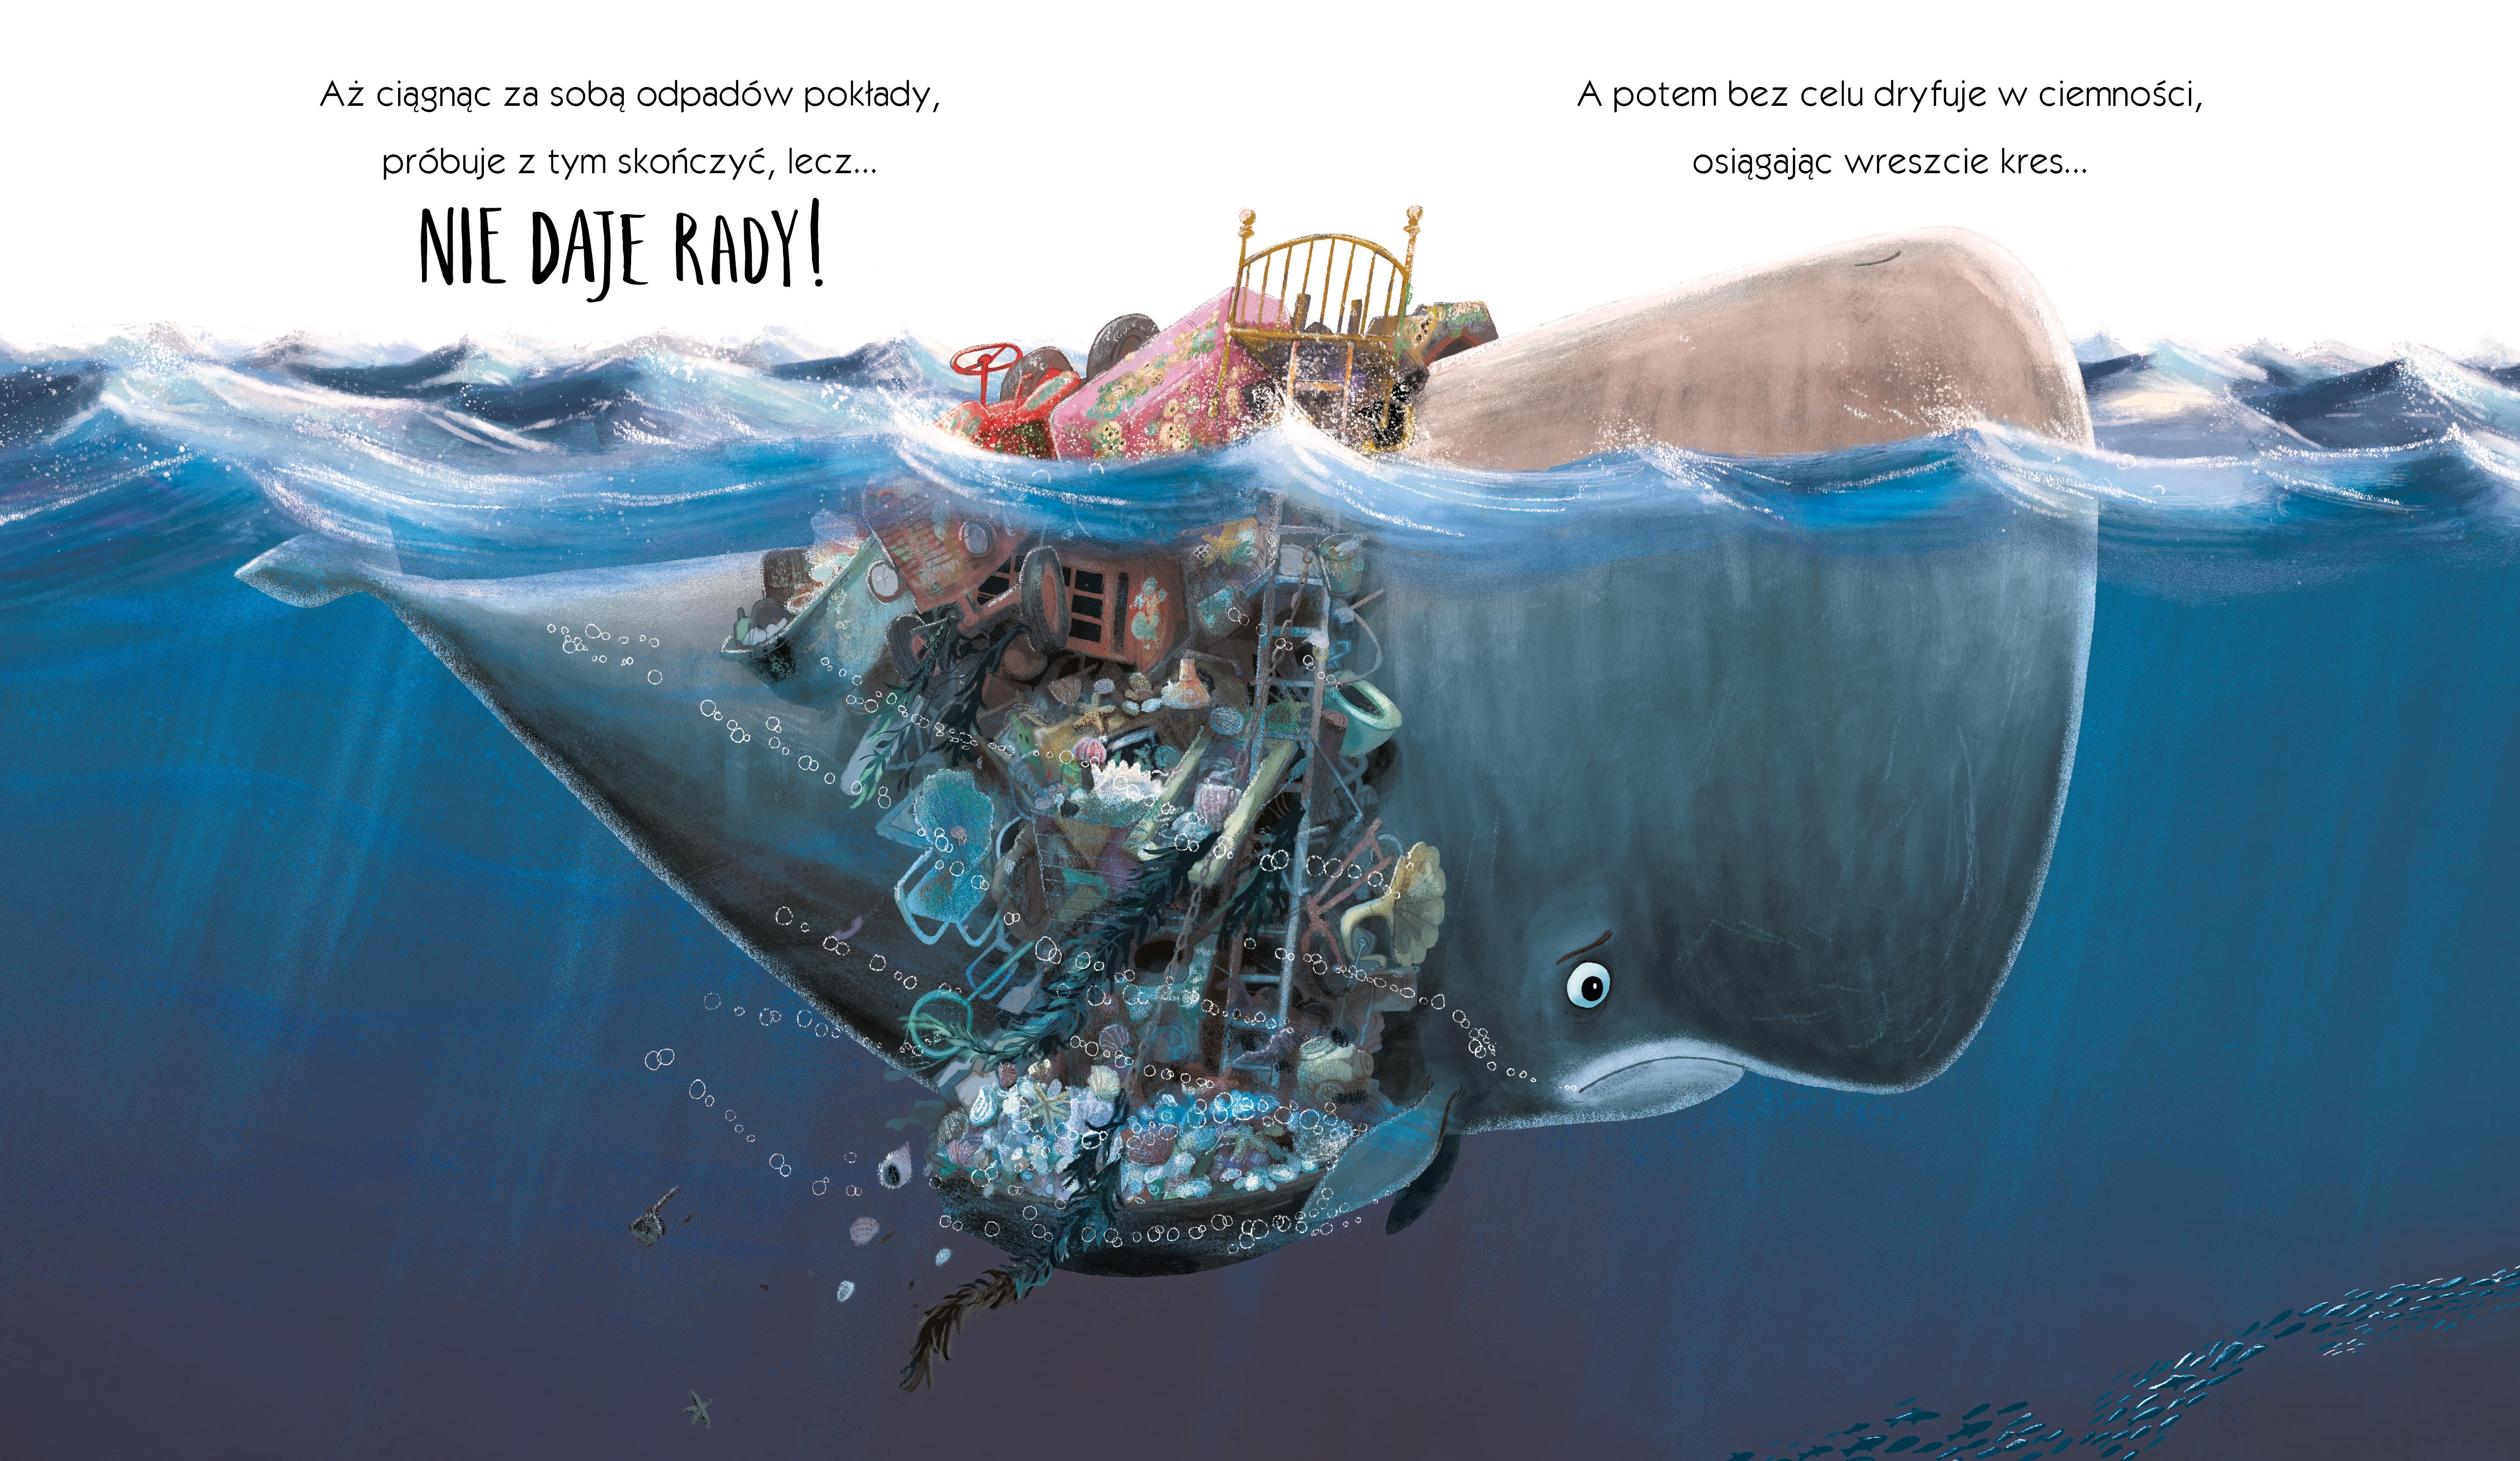 Wieloryb, który chciał więcej Bright Rachel, Field Jim